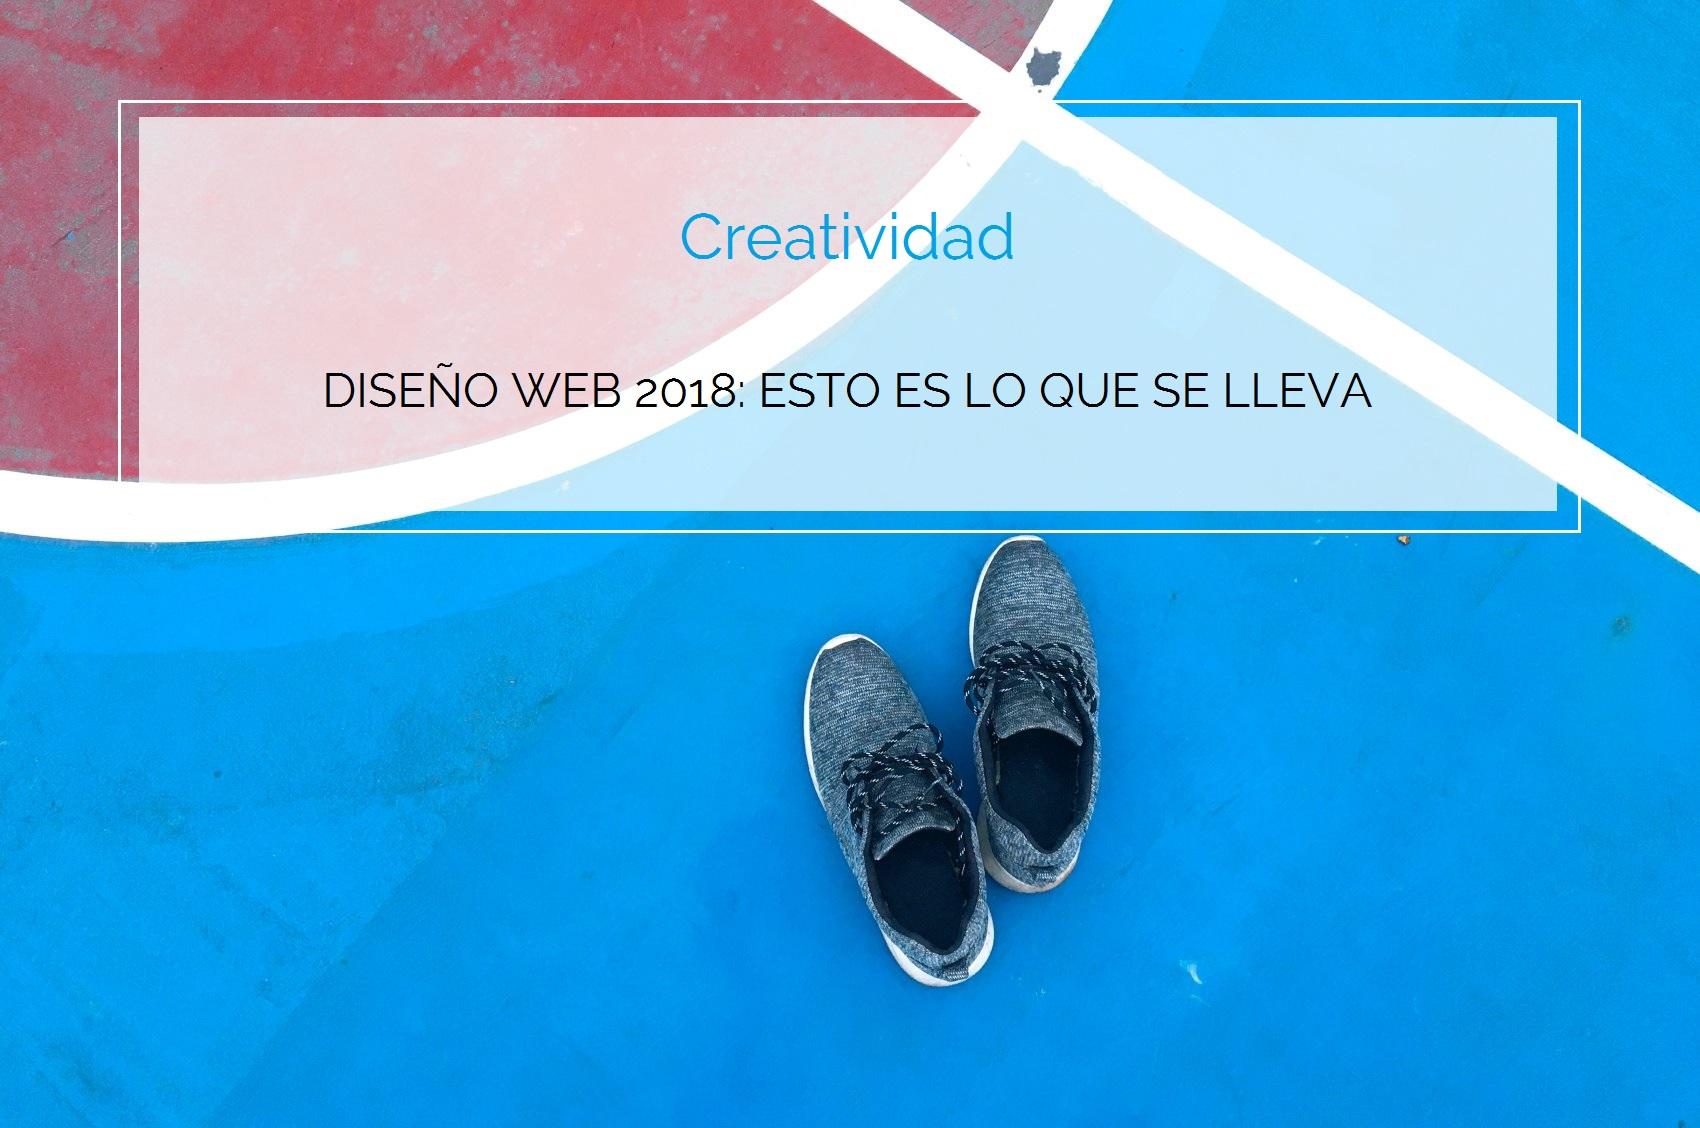 Diseño Web: tendencias 2018